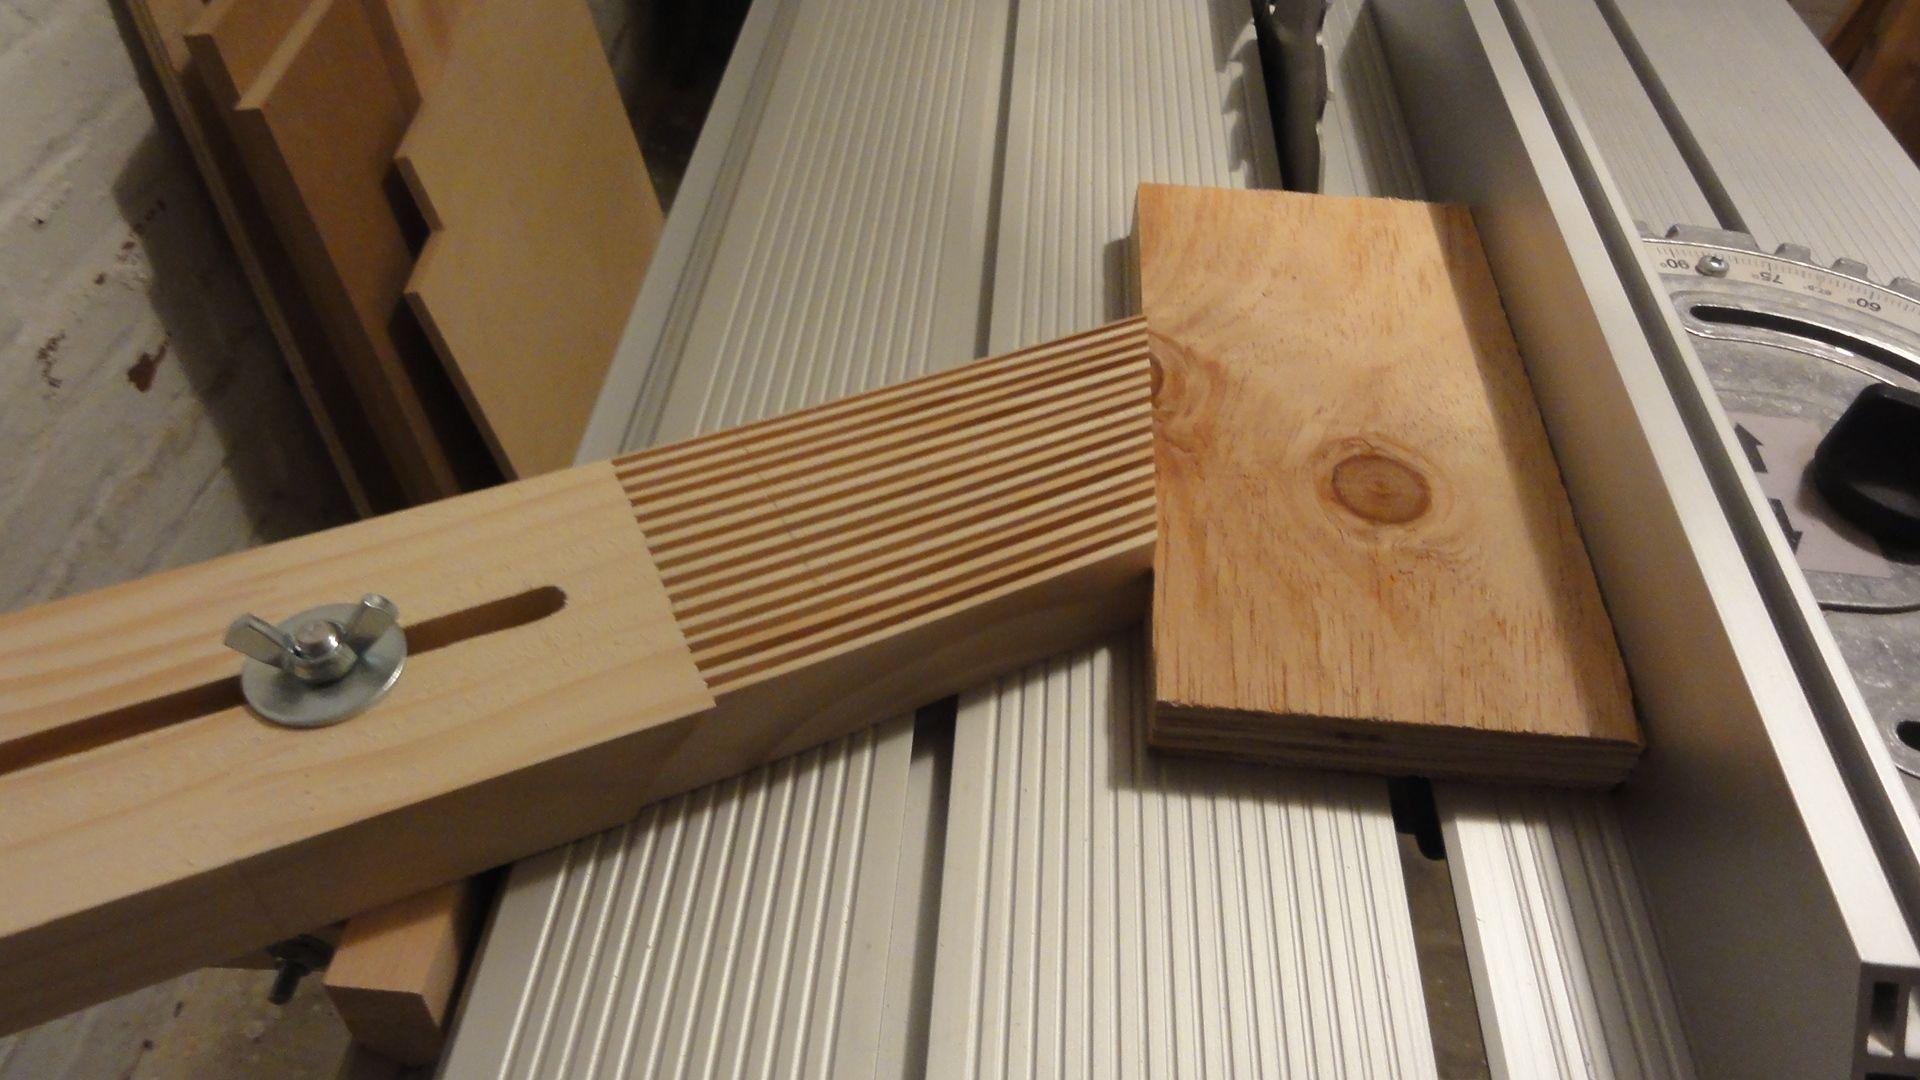 federkamm f r tischkreiss ge bauanleitung zum selber bauen handwerk pinterest. Black Bedroom Furniture Sets. Home Design Ideas